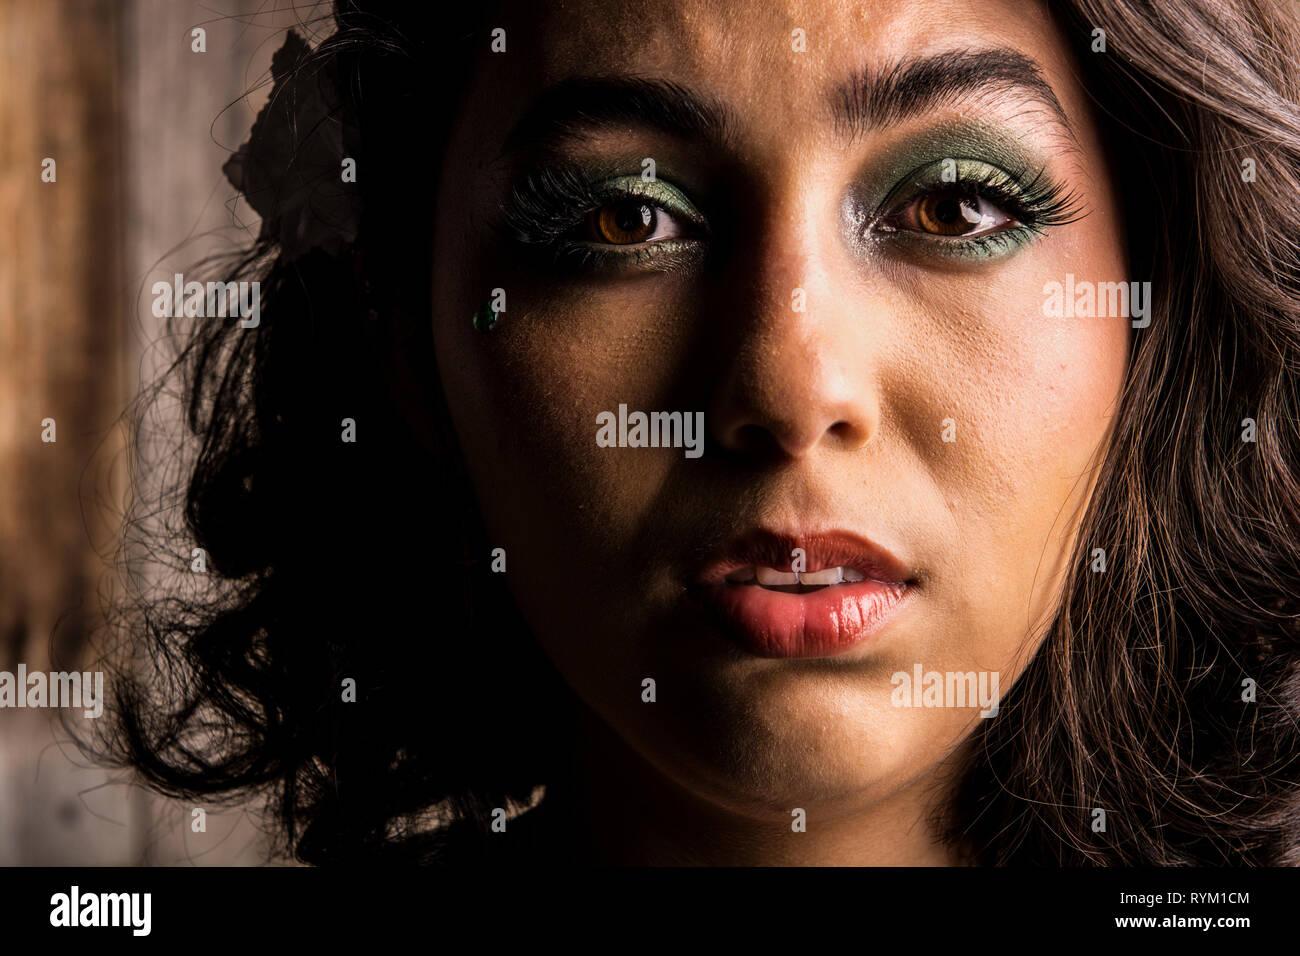 Una mujer joven, de 18 años de edad, sentirse turbados por romper con su novio. Imagen De Stock